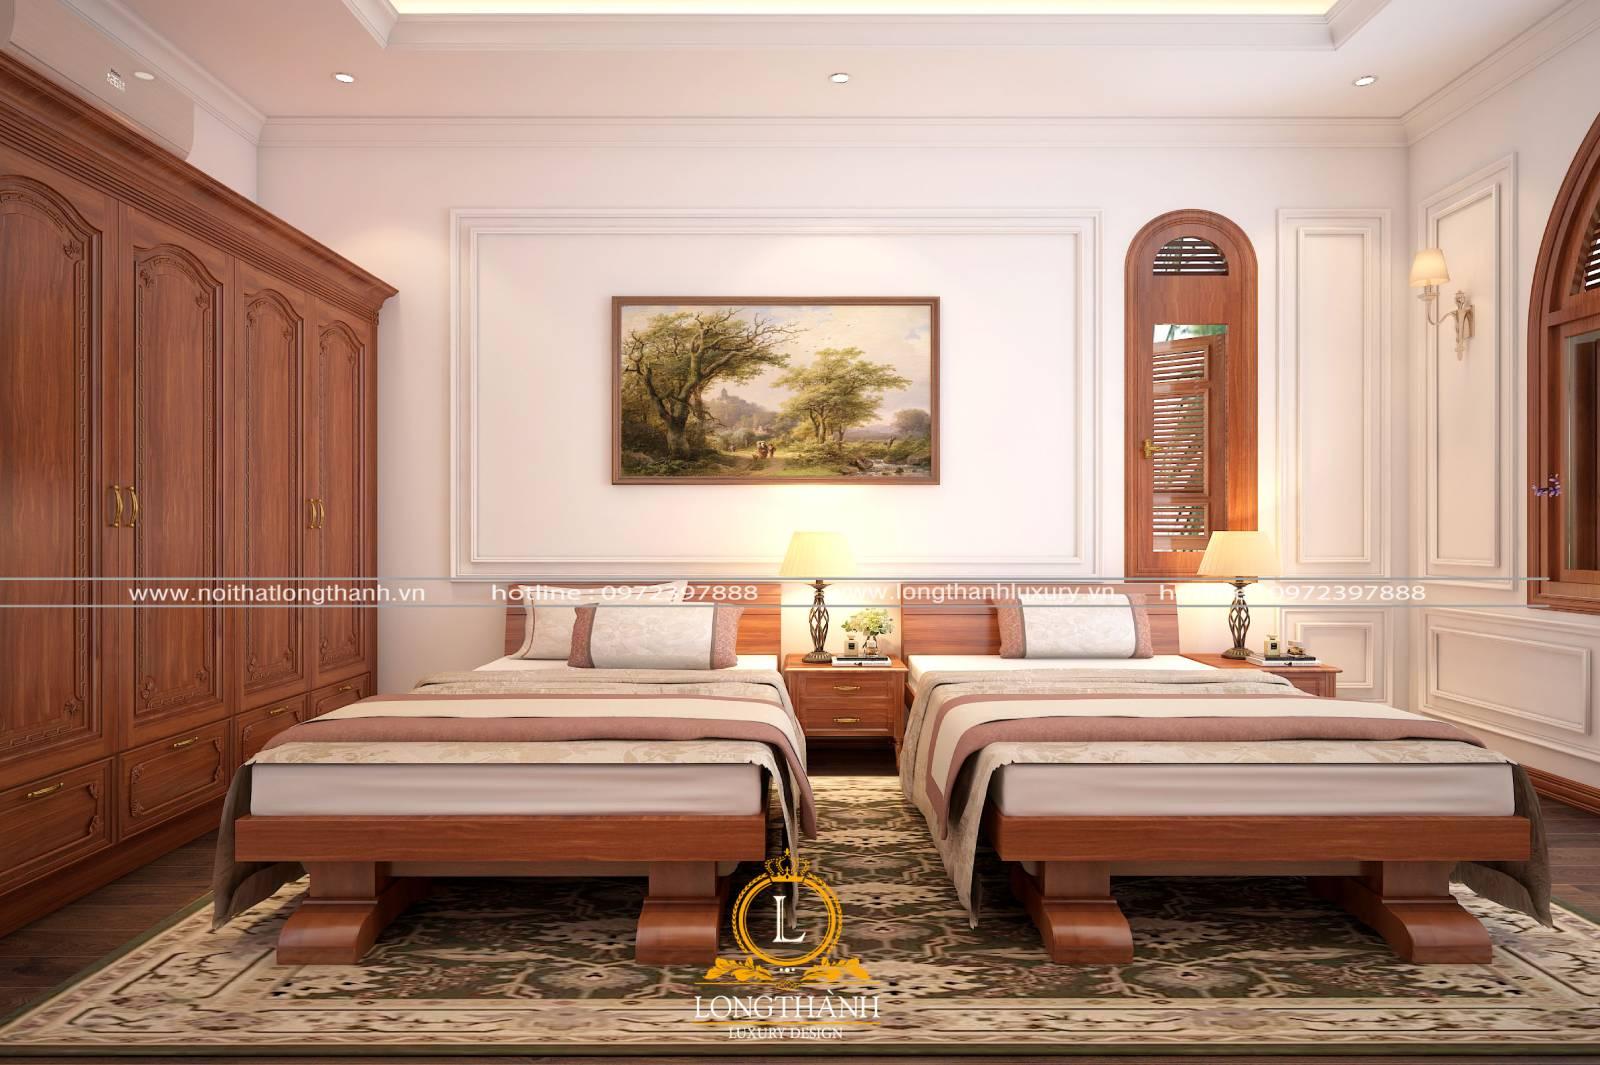 Đèn phòng ngủ tân cổ điển chất liệu gỗ tự nhiên đồng bộ với đồ nội thất